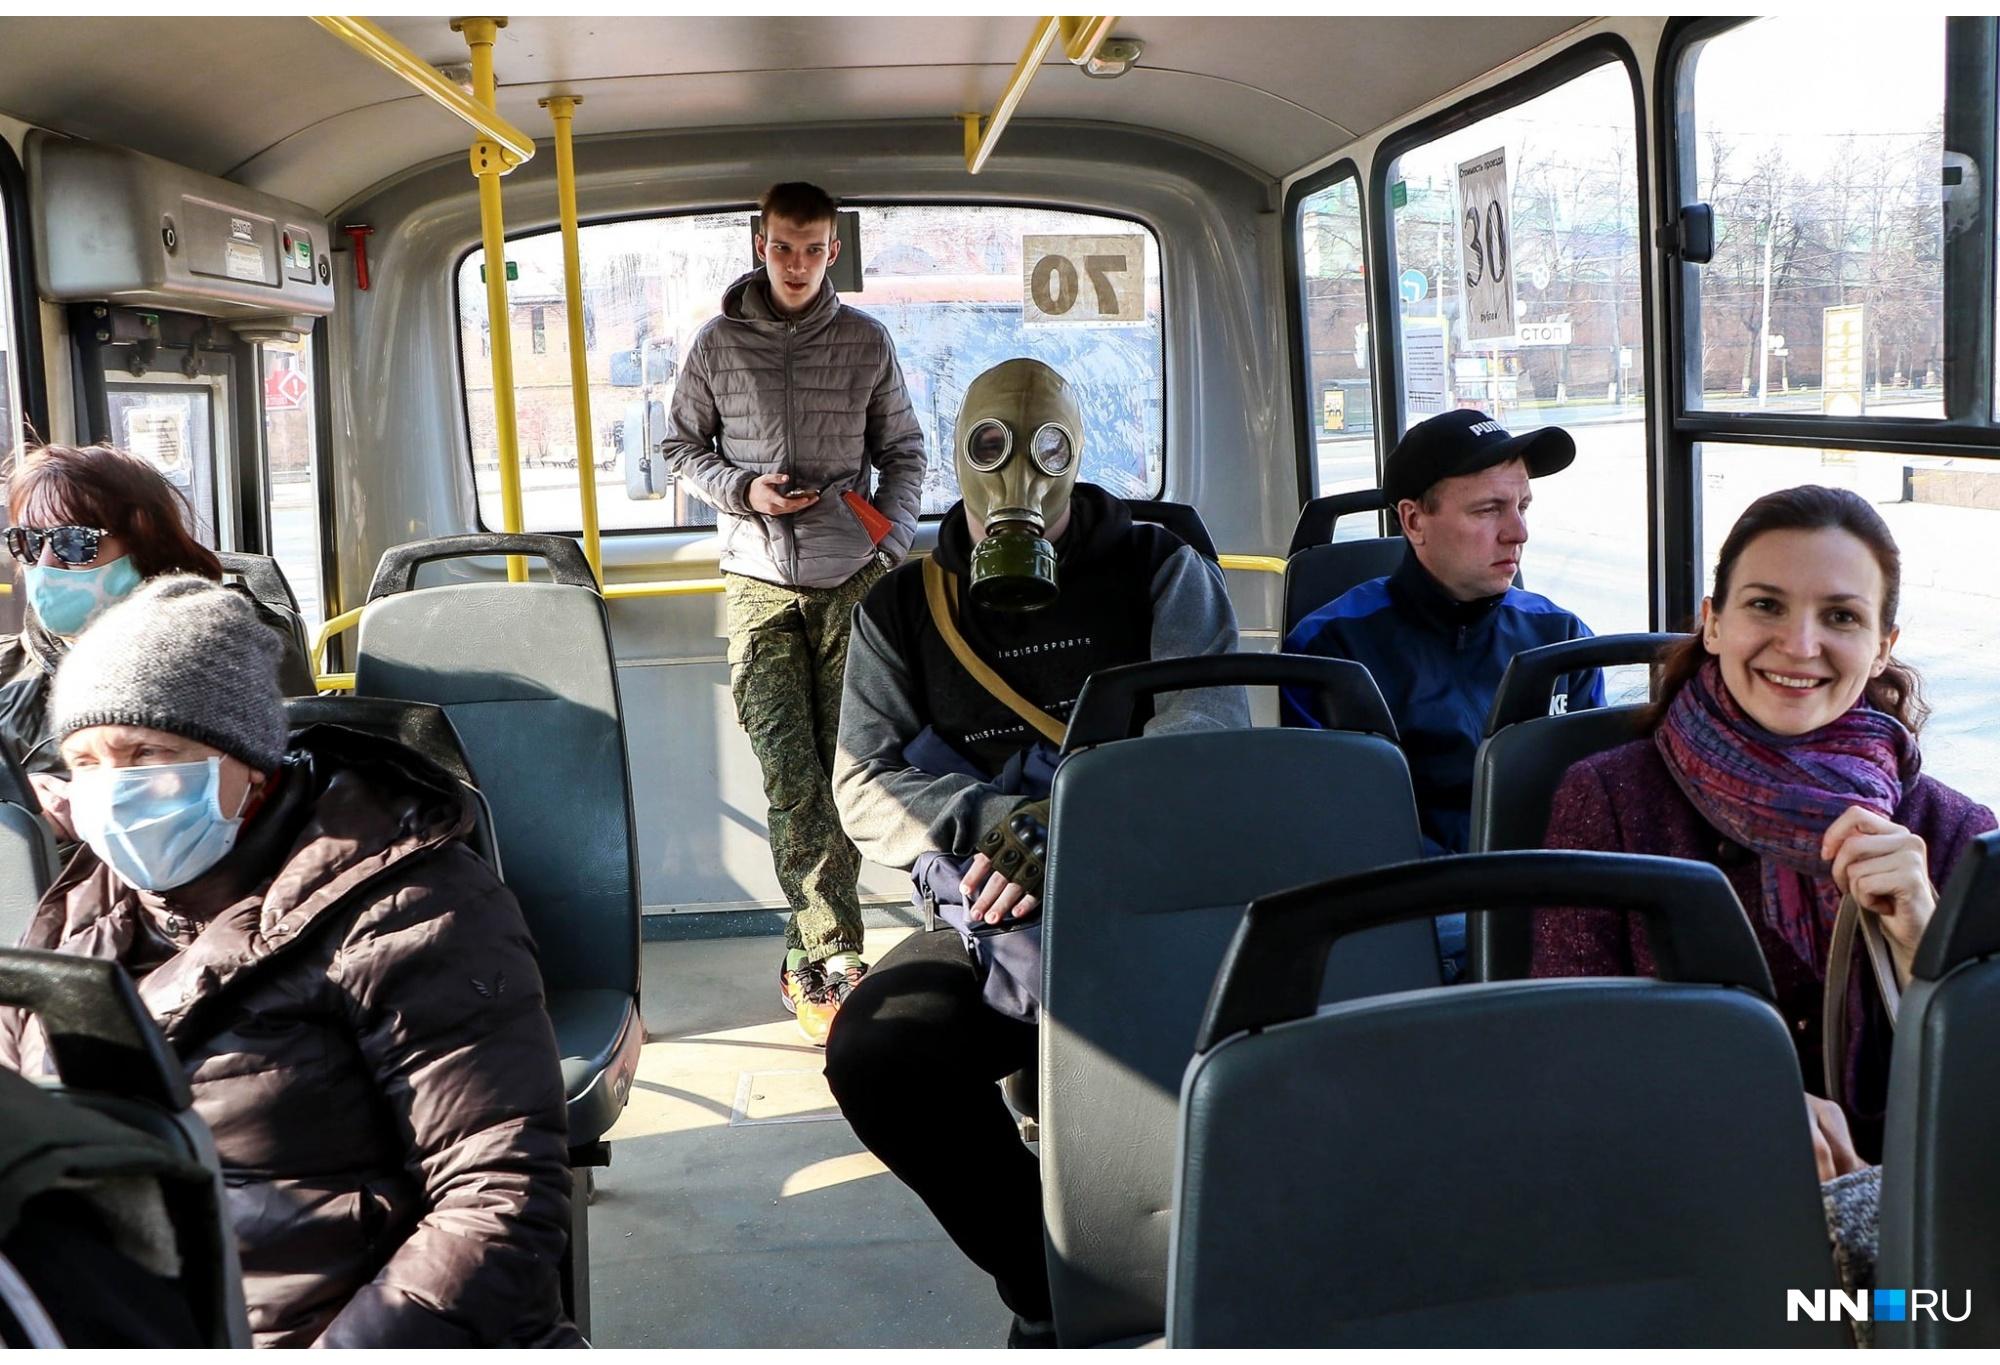 Нижний Новгород, весна 2020-го. Каждый понимает защиту от ковида по-своему